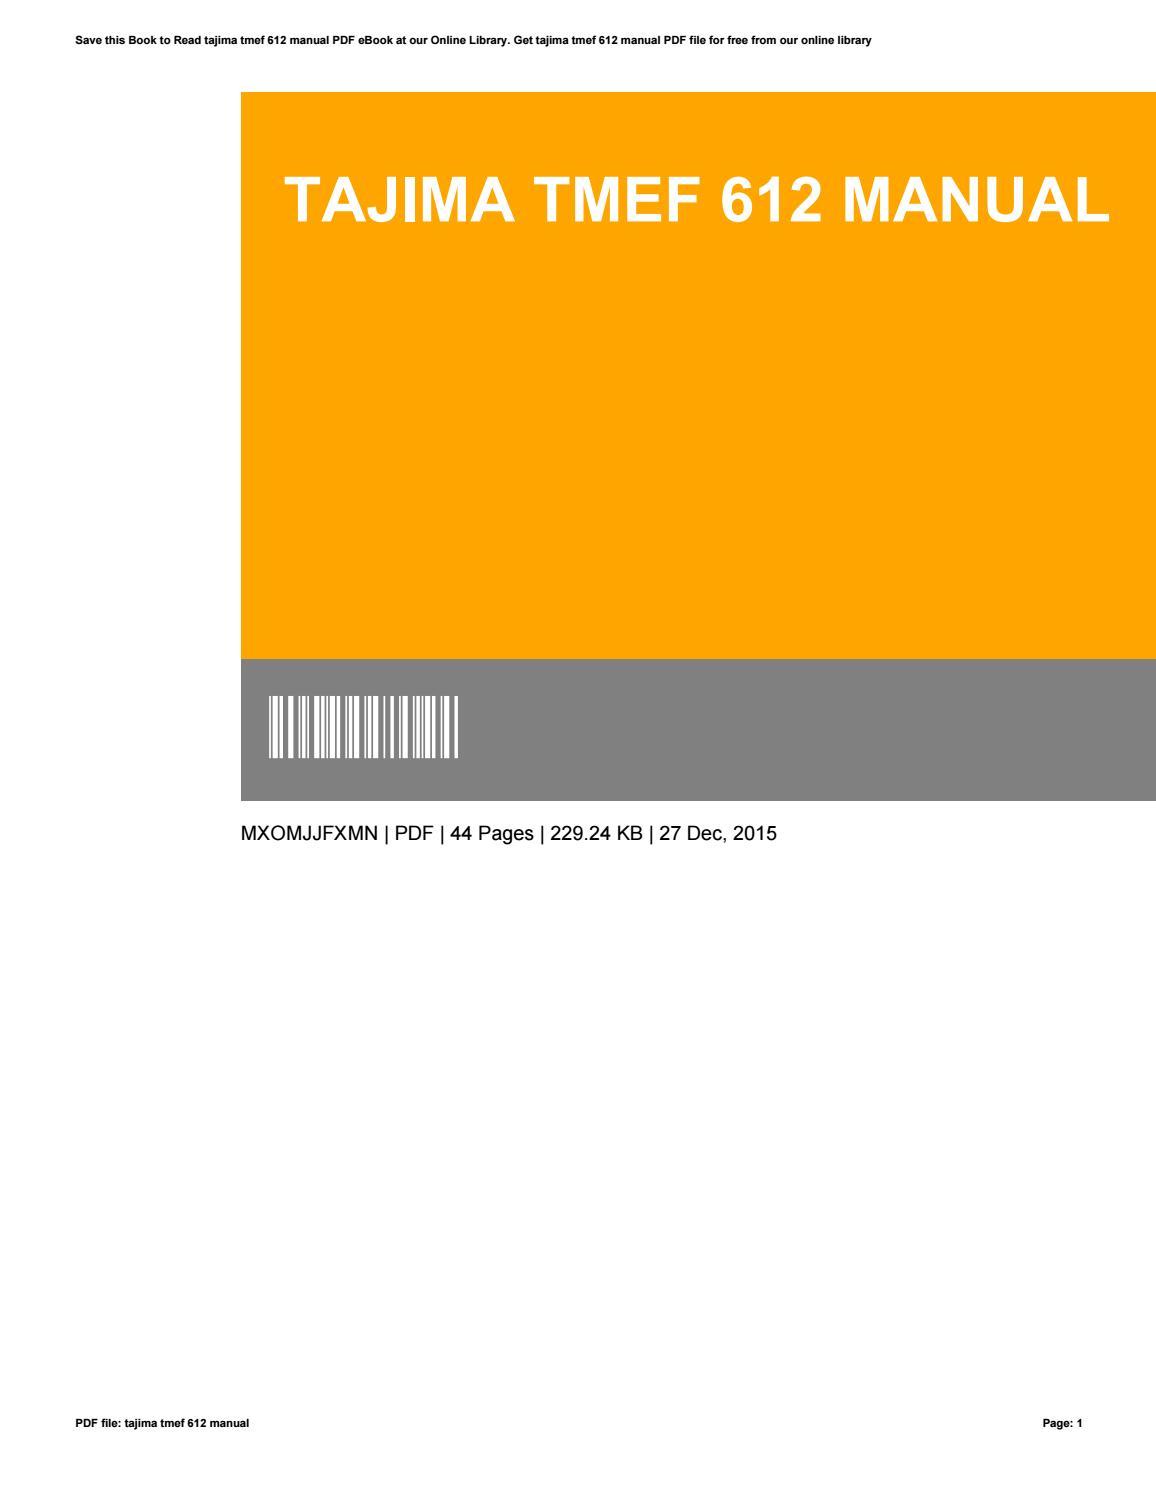 tajima manual pdf